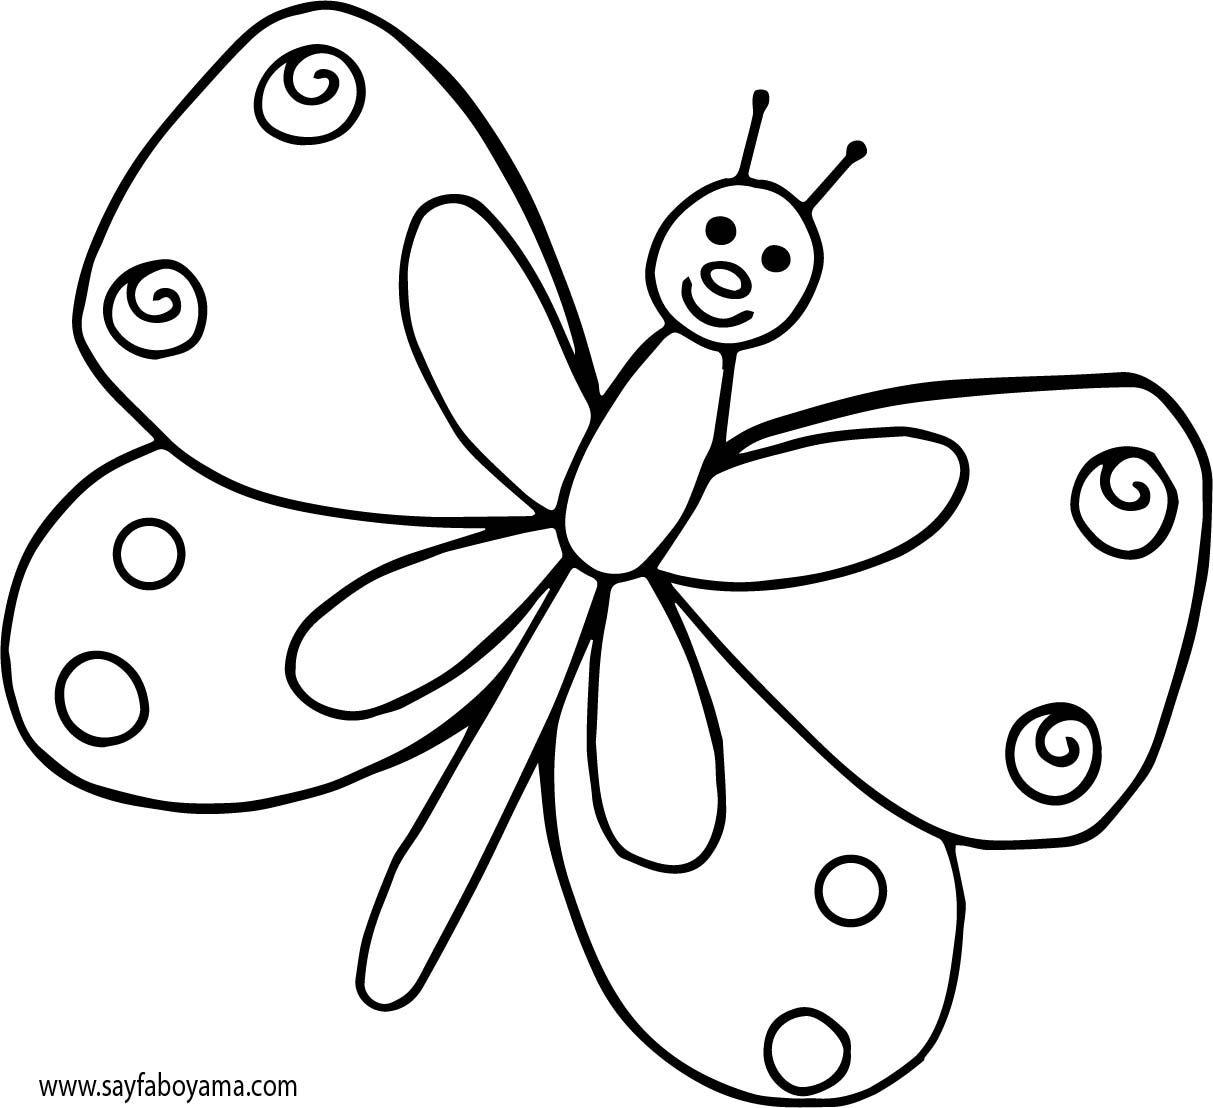 Kelebek Boyama Sayfası Kelebek Boyama Sayfası Pdf Olarak Indir